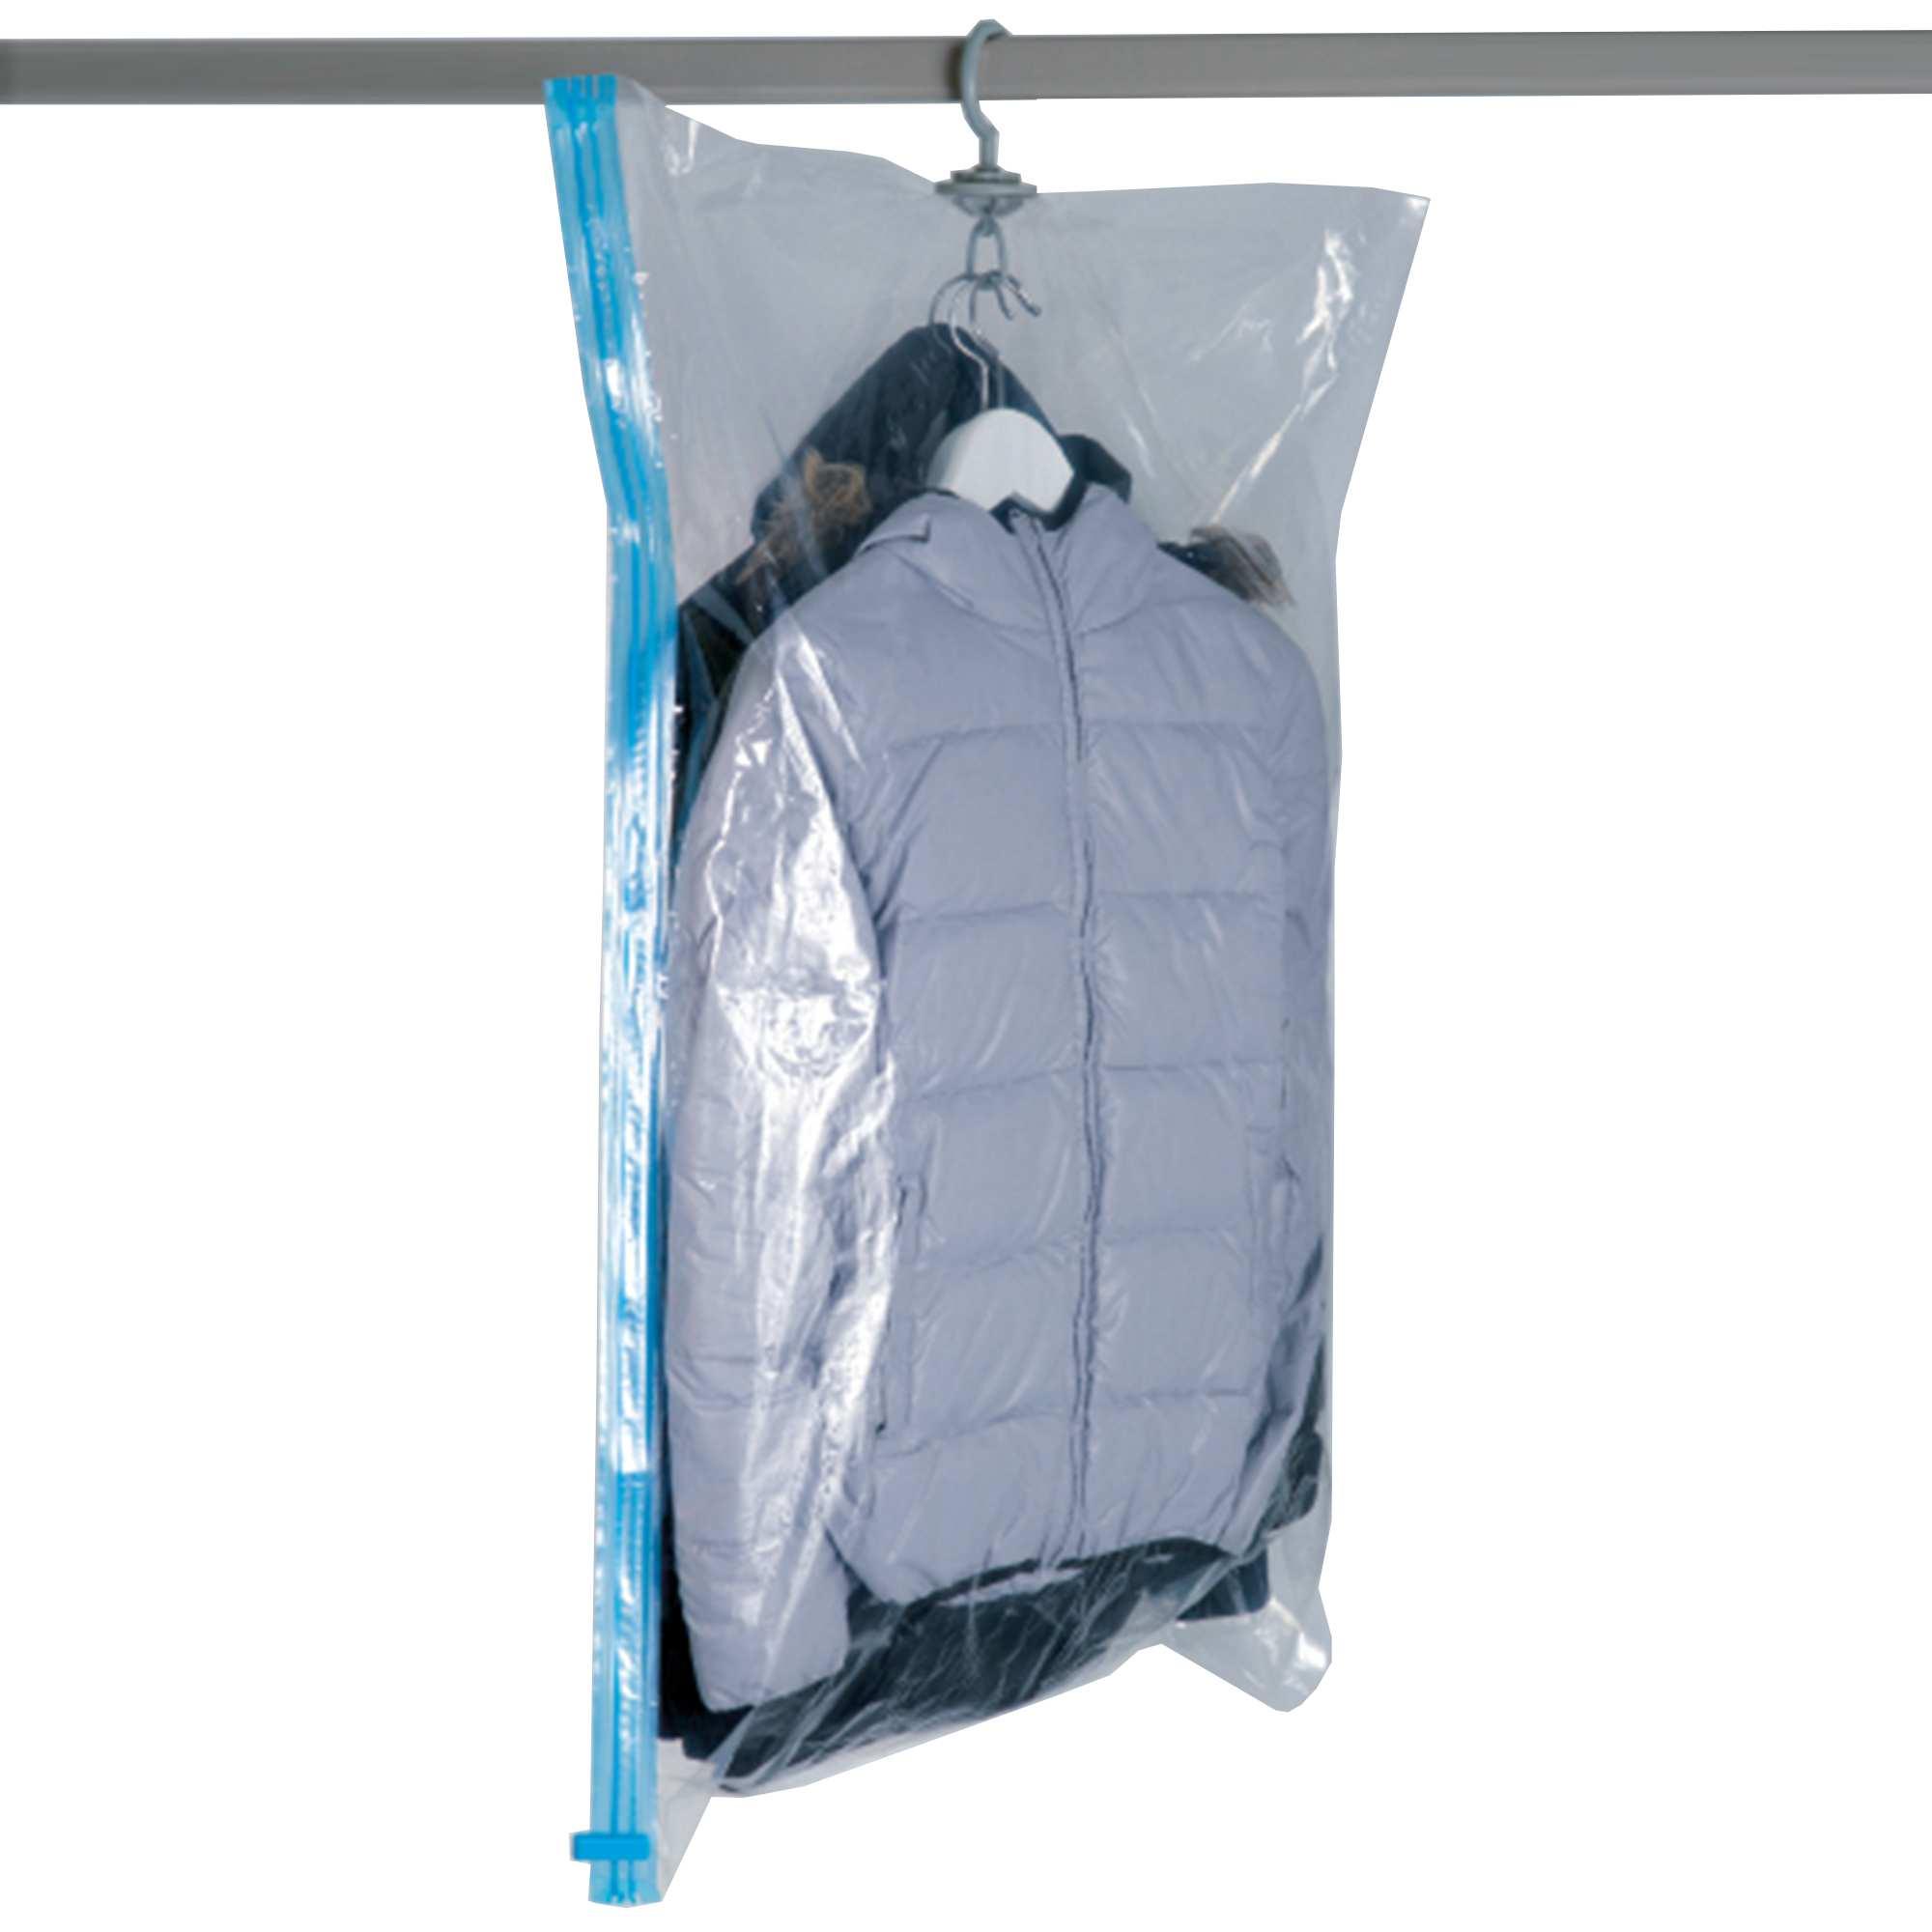 Housse sous vide pour cintres linge de lit kiabi 4 00 for Housse sous vide sans aspirateur